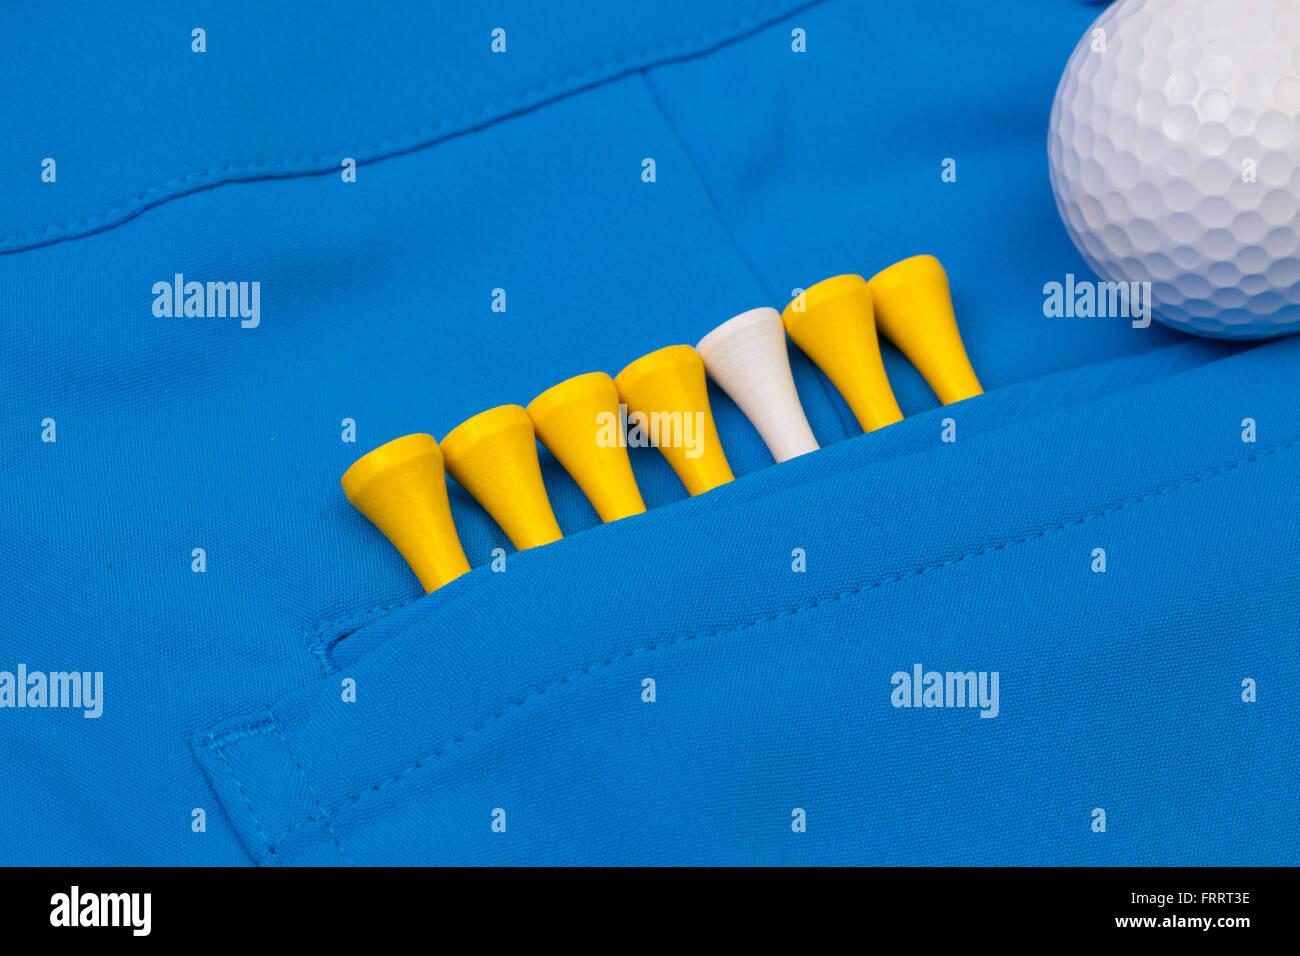 Détail d'un pantalon bleu et d'équipements de golf Photo Stock